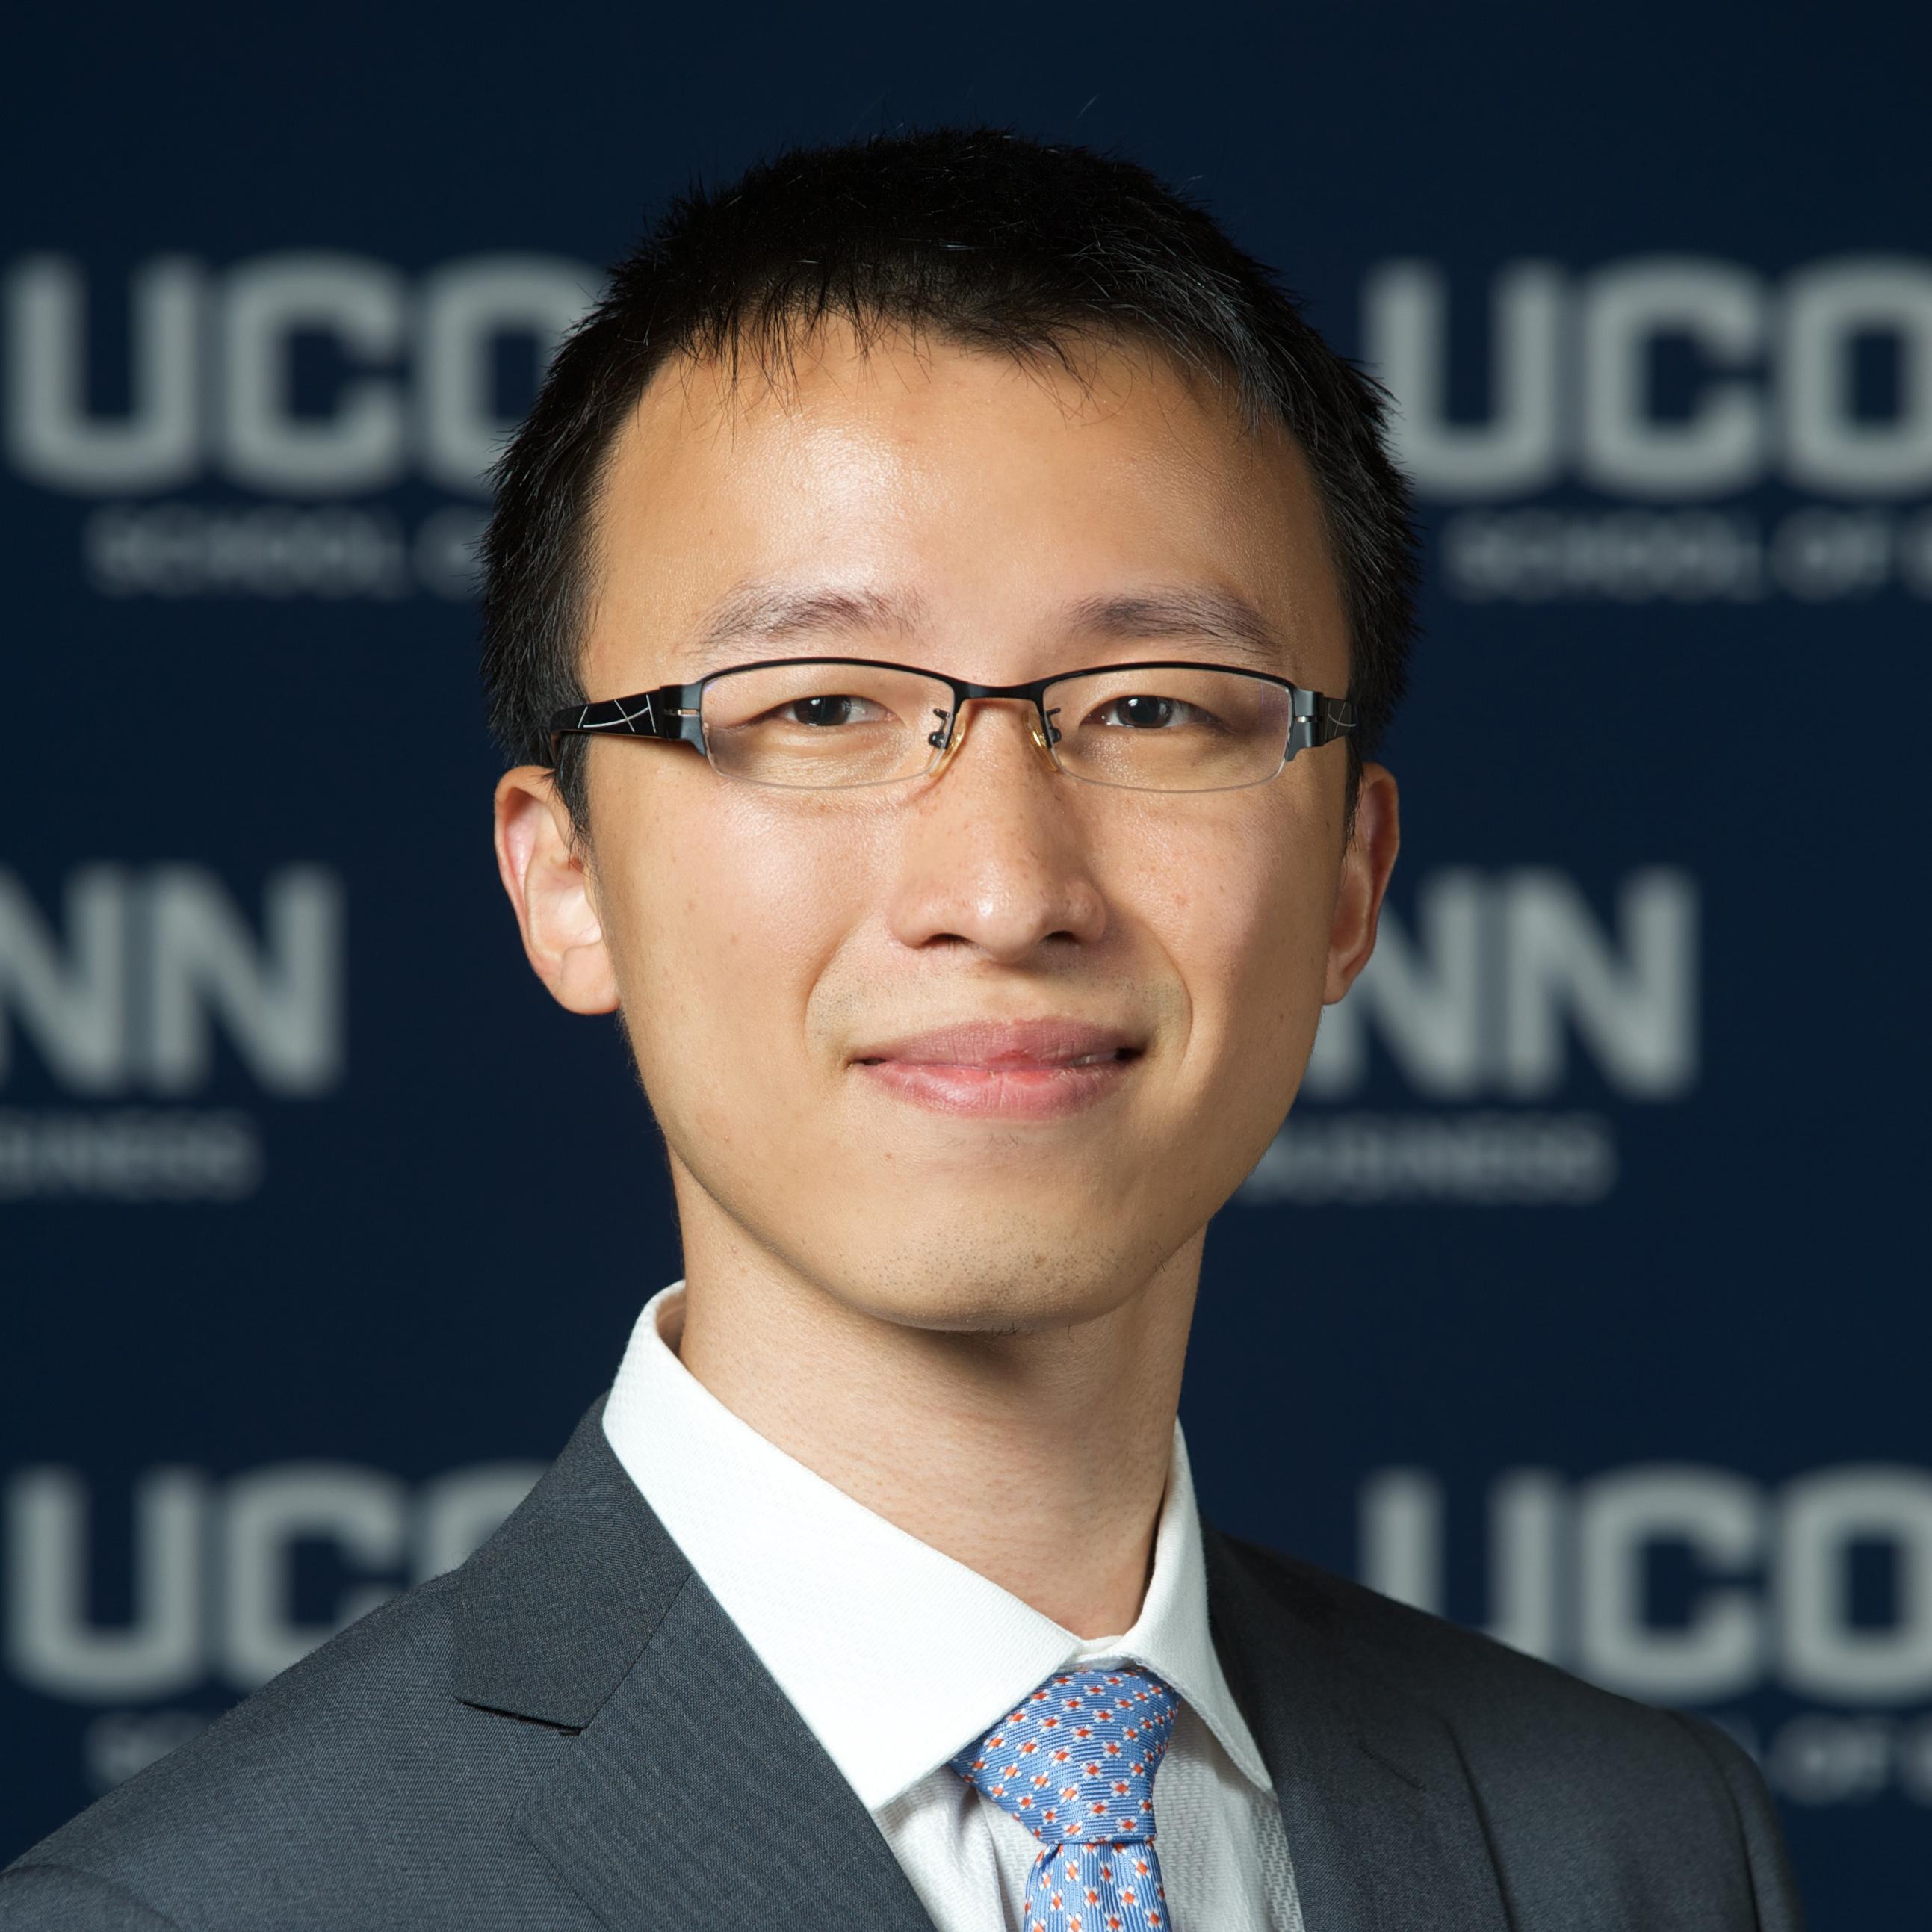 Uconn Travel Insurance